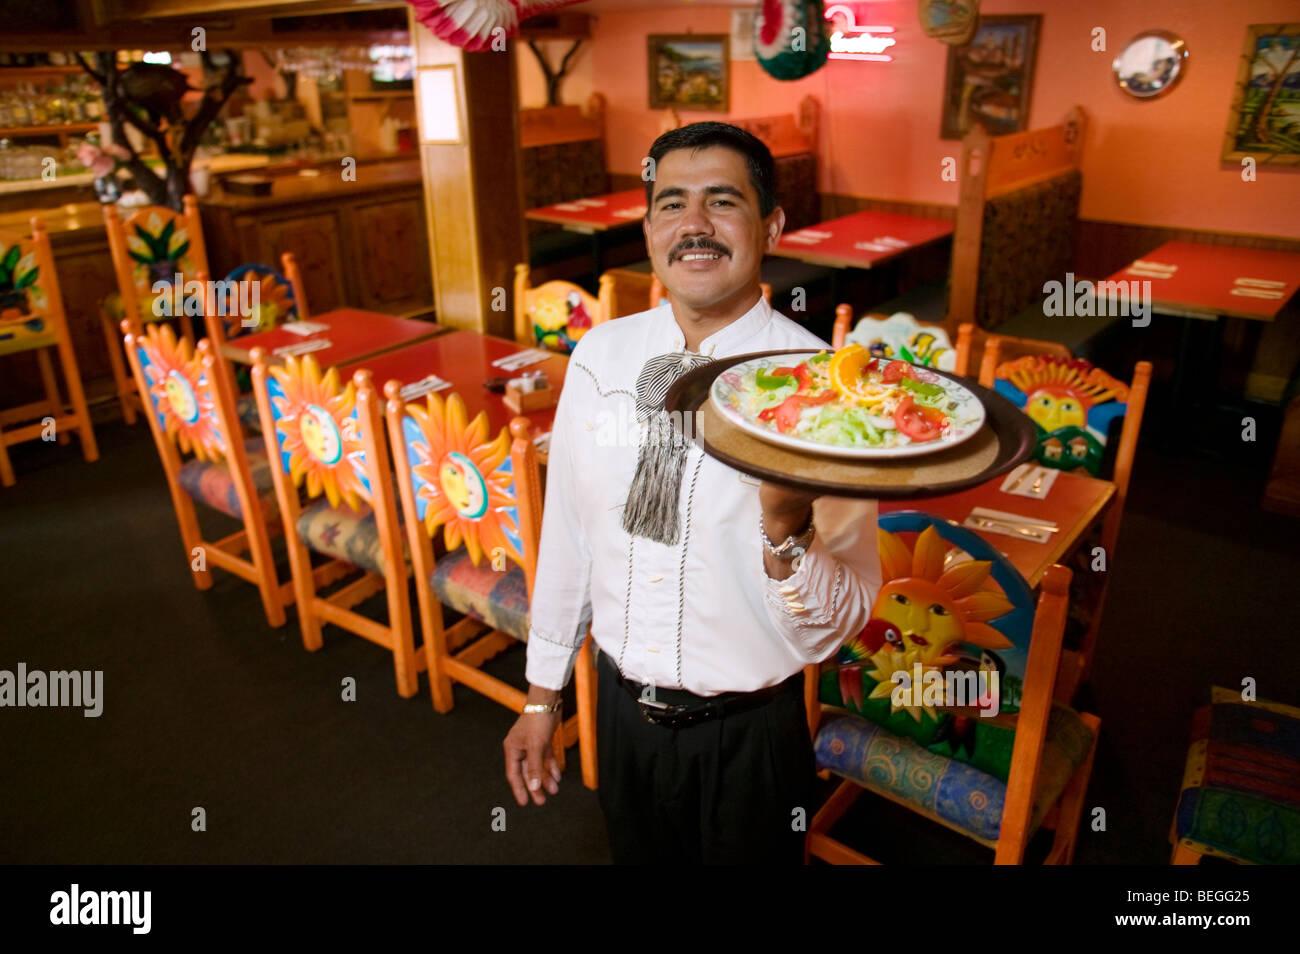 Maschio cameriere messicano tenendo un vassoio di cibo del Fiesta Mexicana ristorante, Salida, Colorado, STATI UNITI Immagini Stock